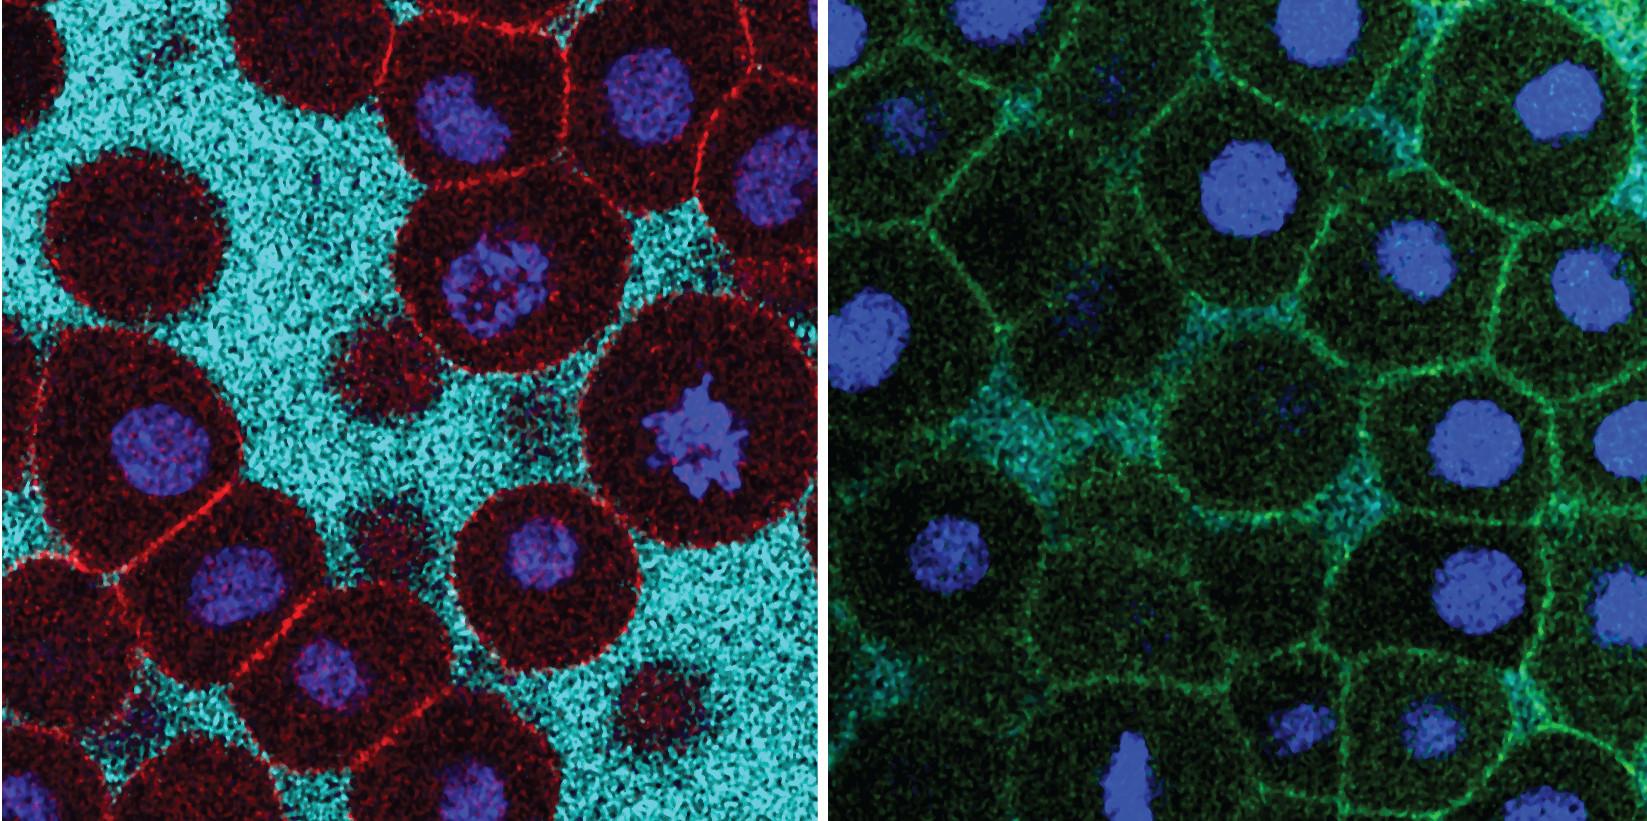 Las células pierden contacto entre sí durante la fluidización y permanecen en contacto estrecho cuando se deteriora la fluidización. Nicoletta Petridou. IST Austria.